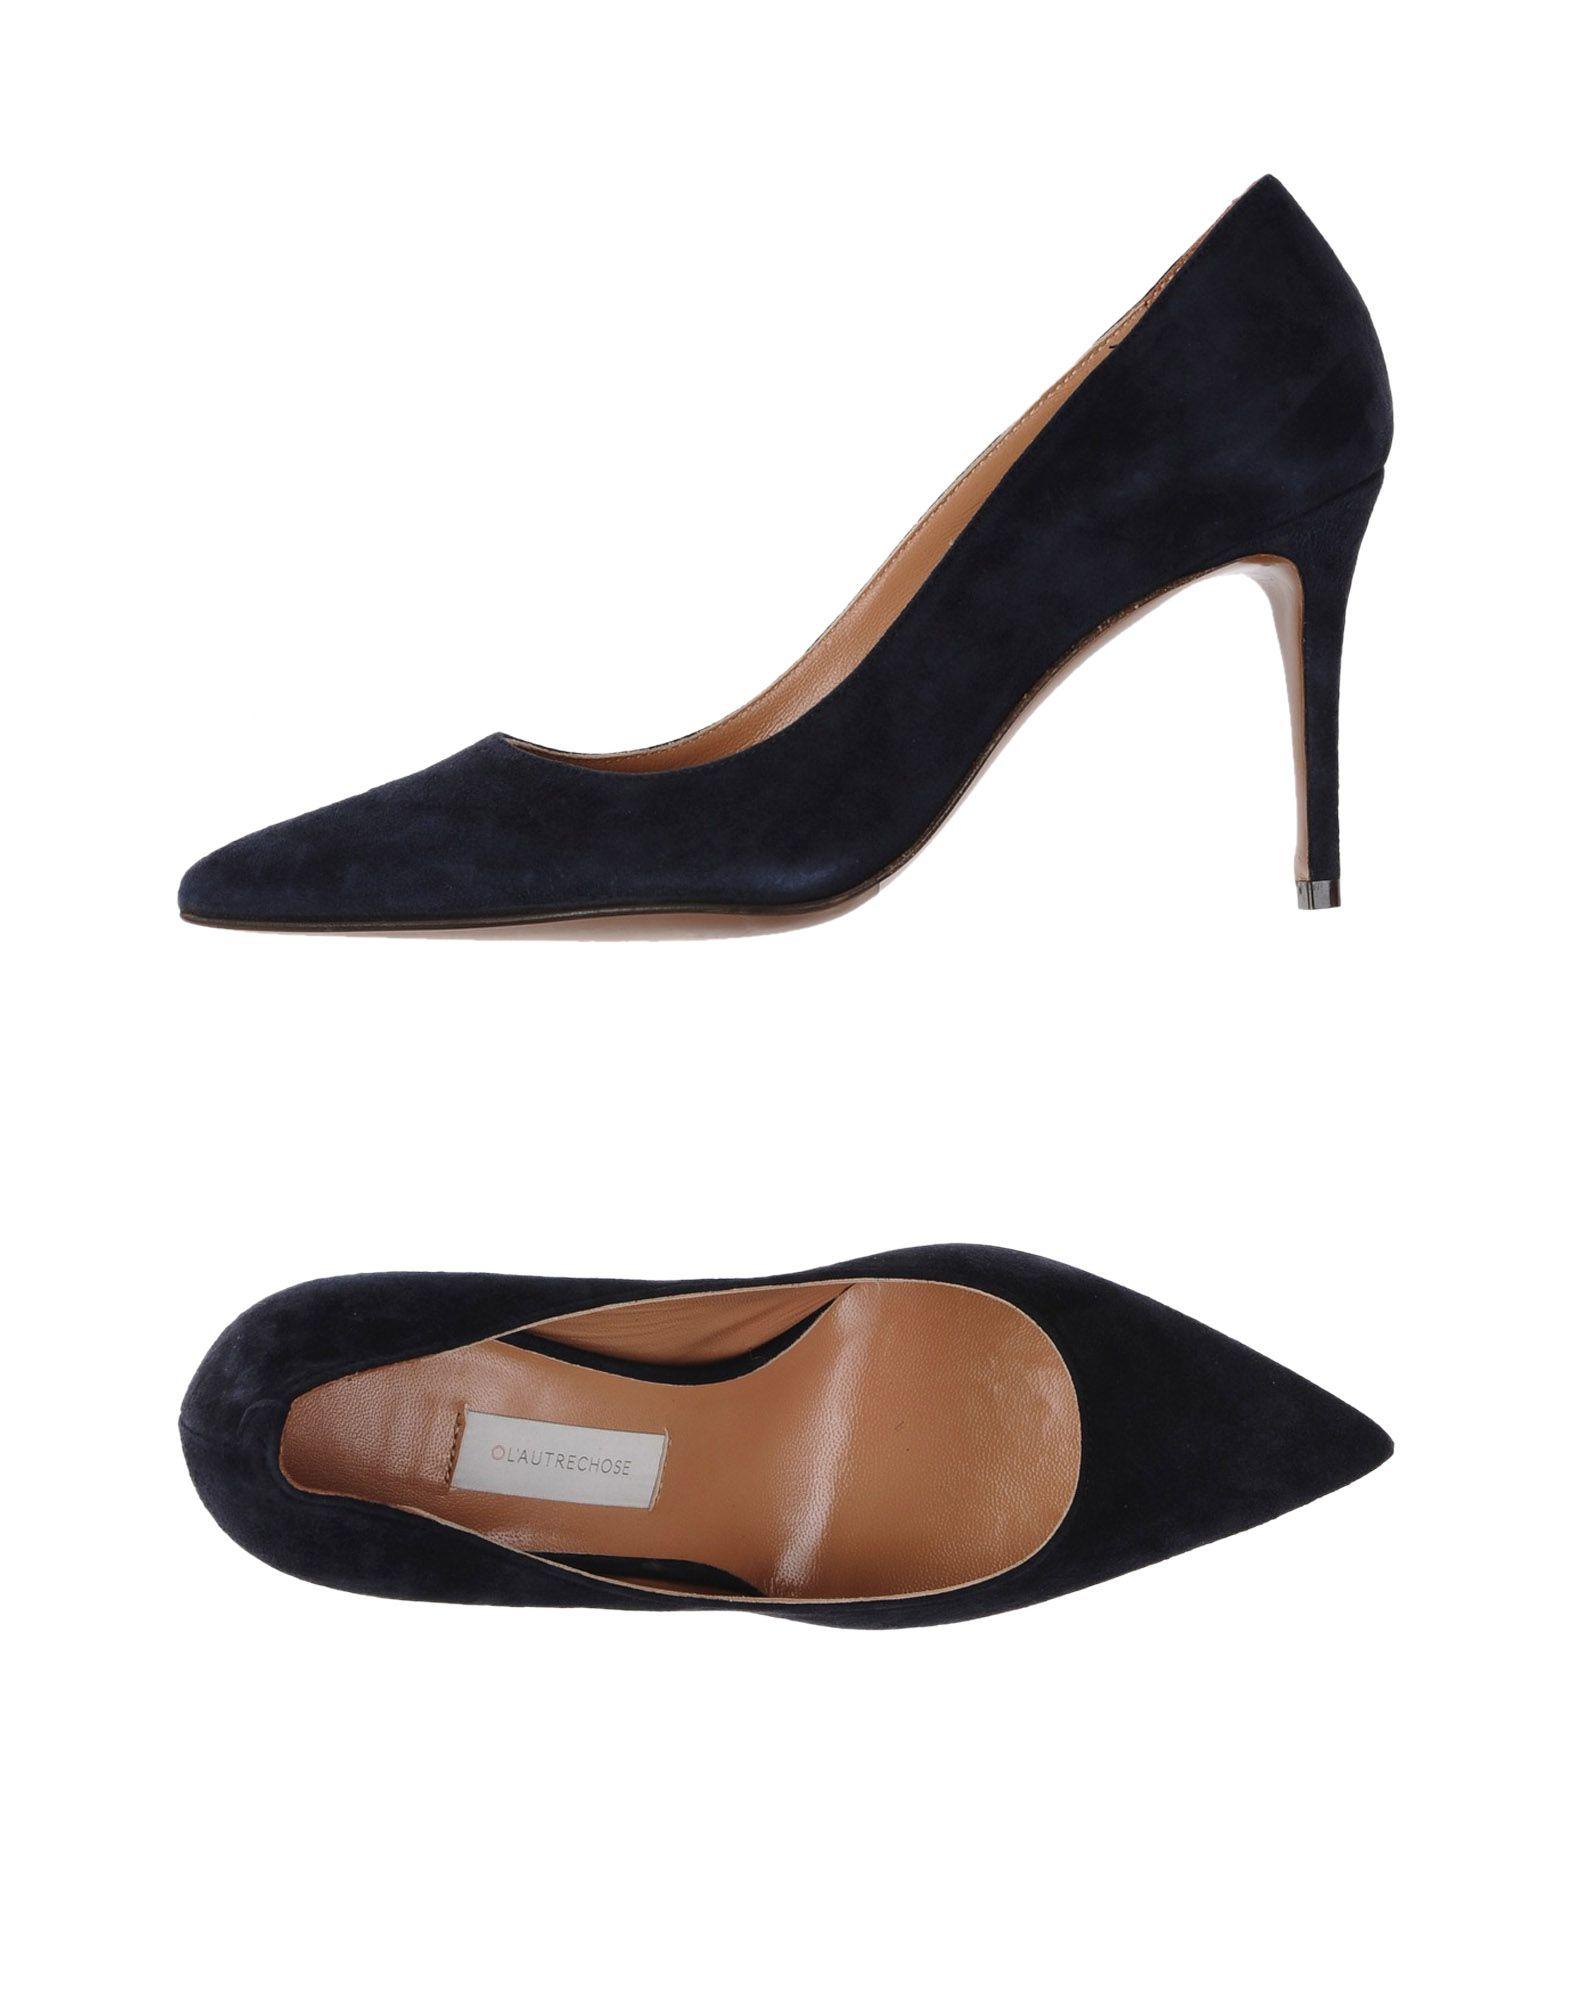 Stivaletti O.X.S. Donna - 11457551OL Scarpe economiche e buone